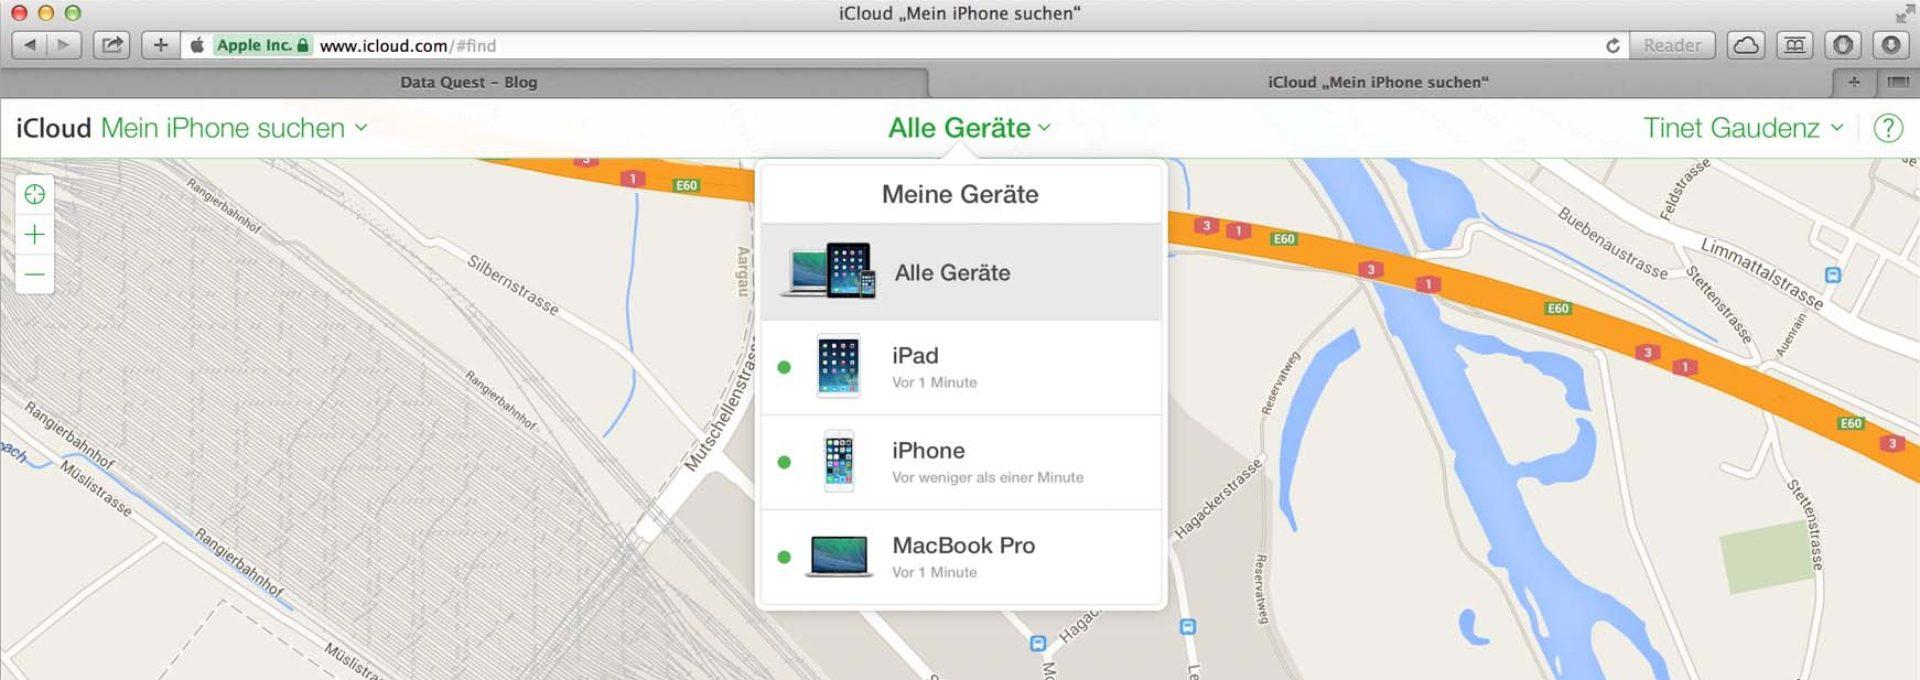 Das Bild zeigt, wo in den Einstellungen der iCloud die Suchfunktion für Geräte aktiviert wird.